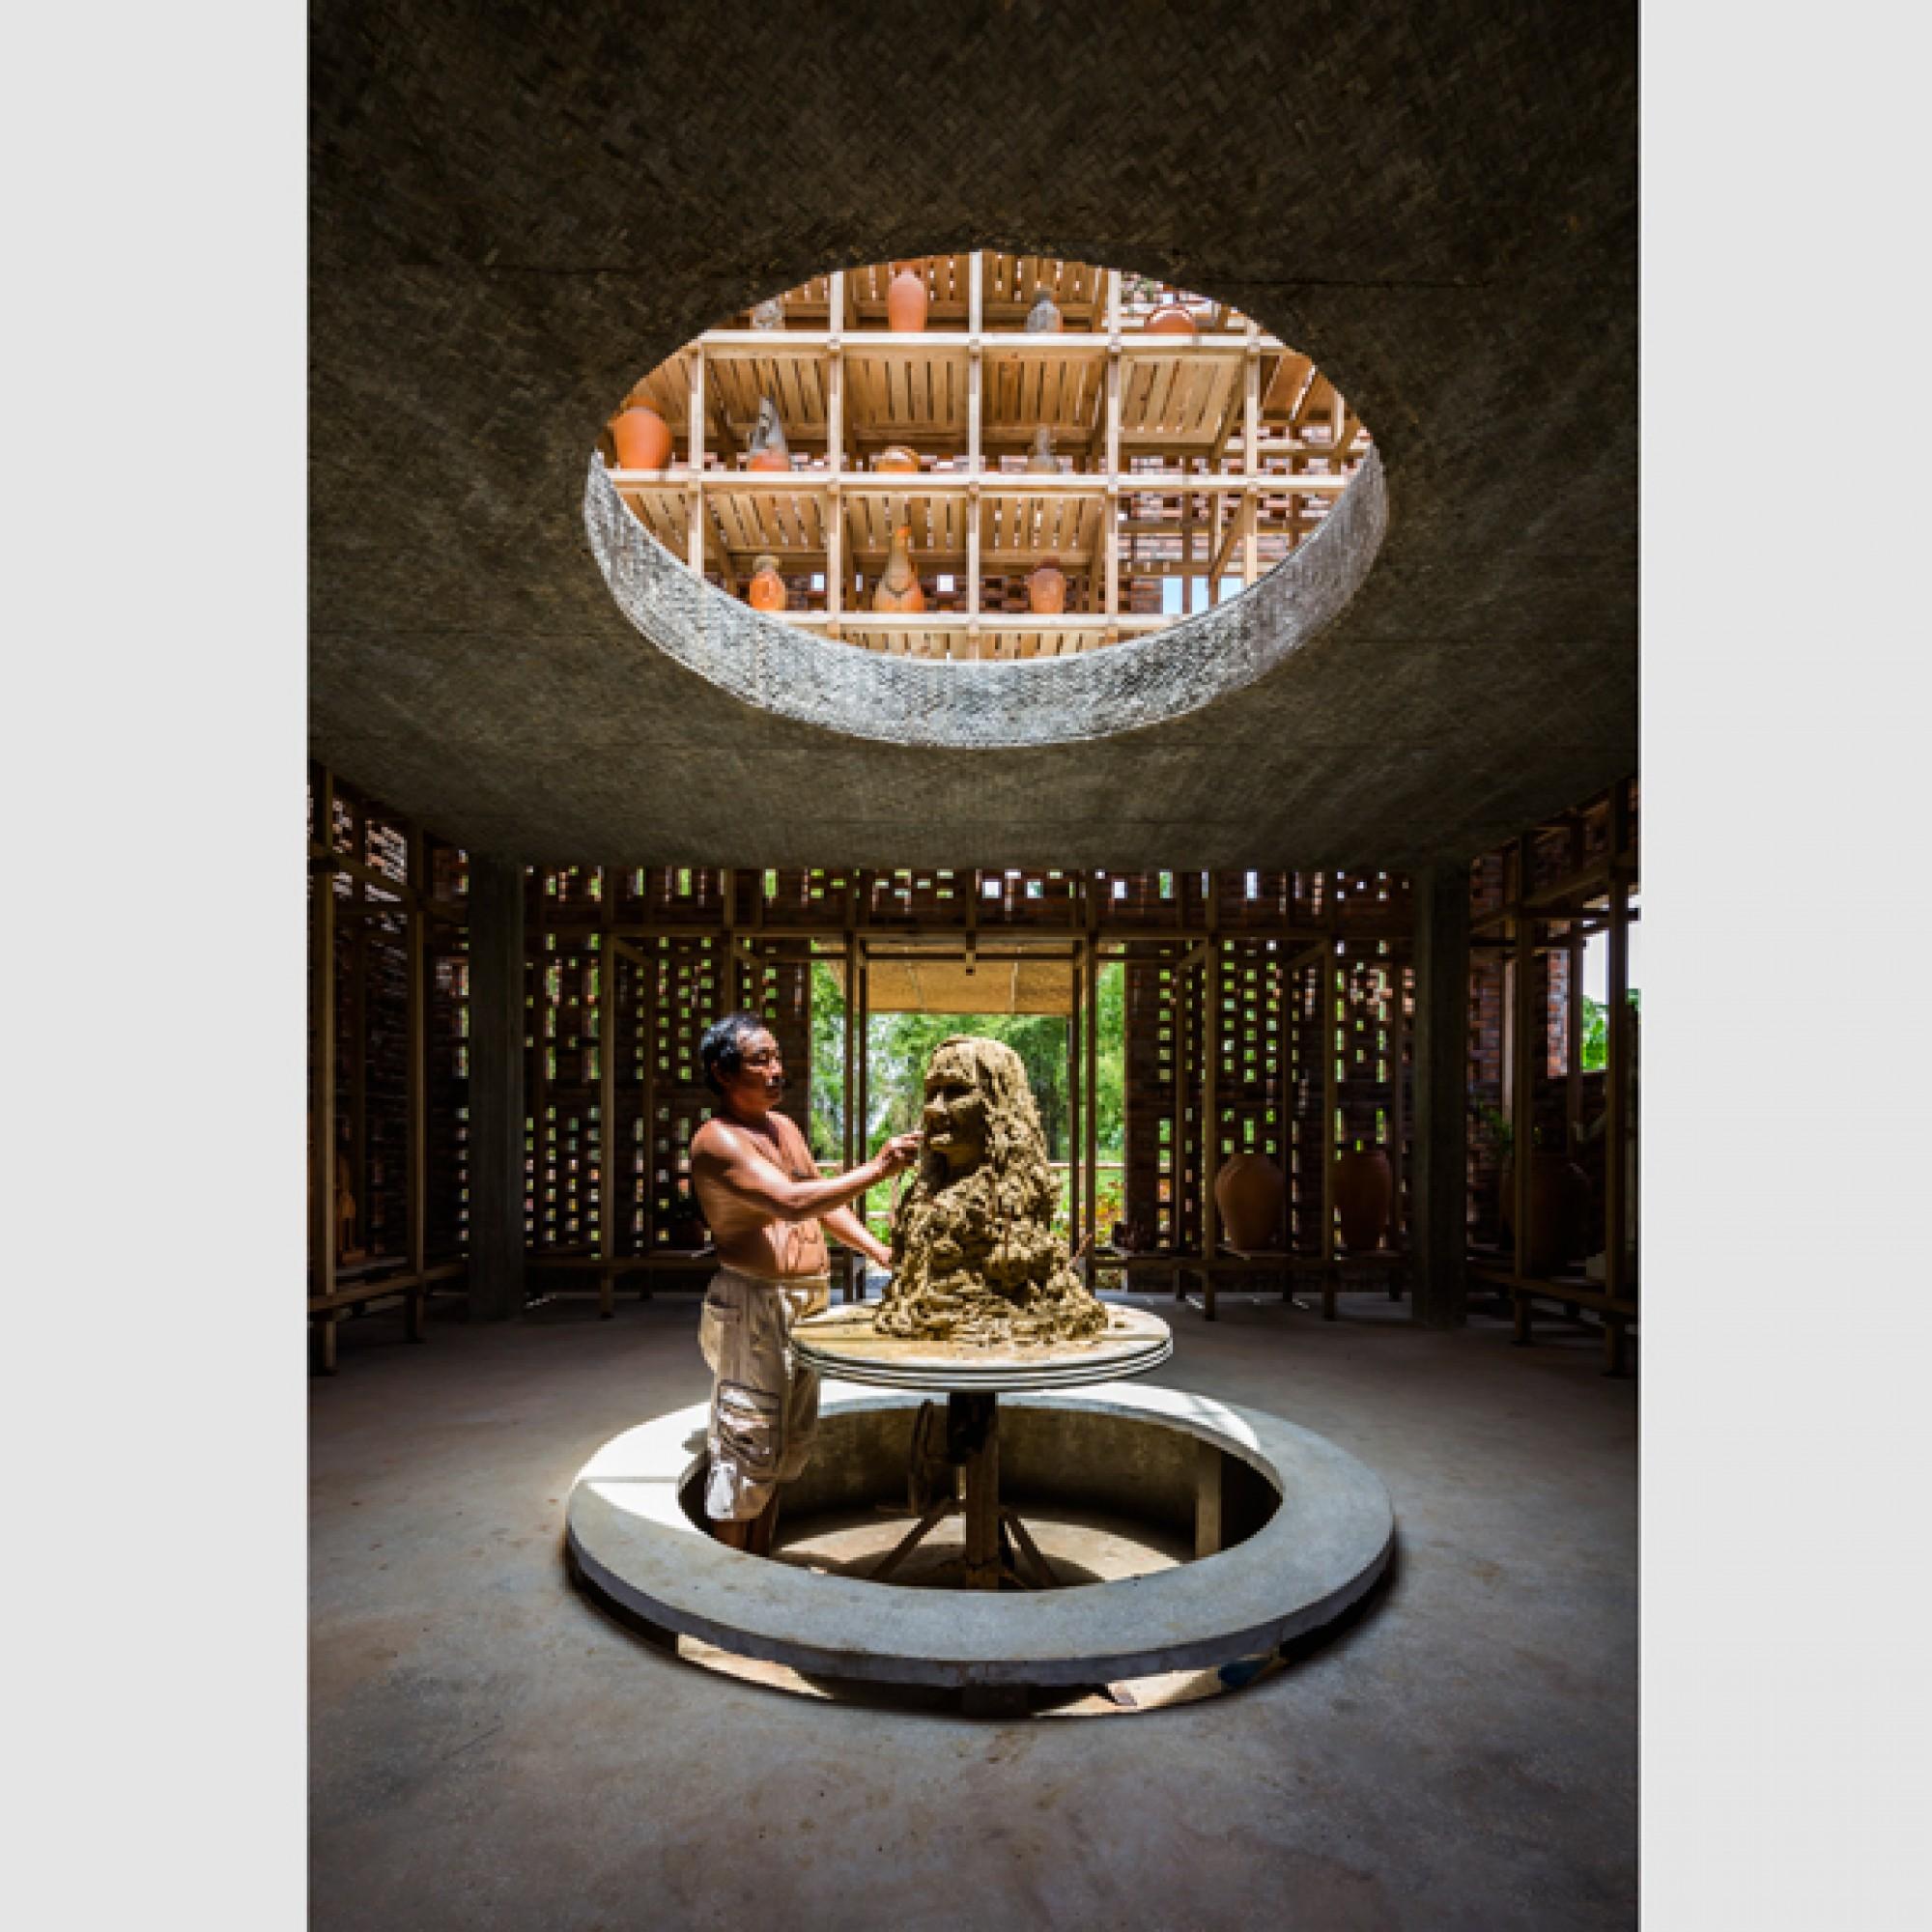 Arbeiten im kühlenden Schatten: Le Duc Ha am Werk.   (Hiroyuki Oki/zvg)